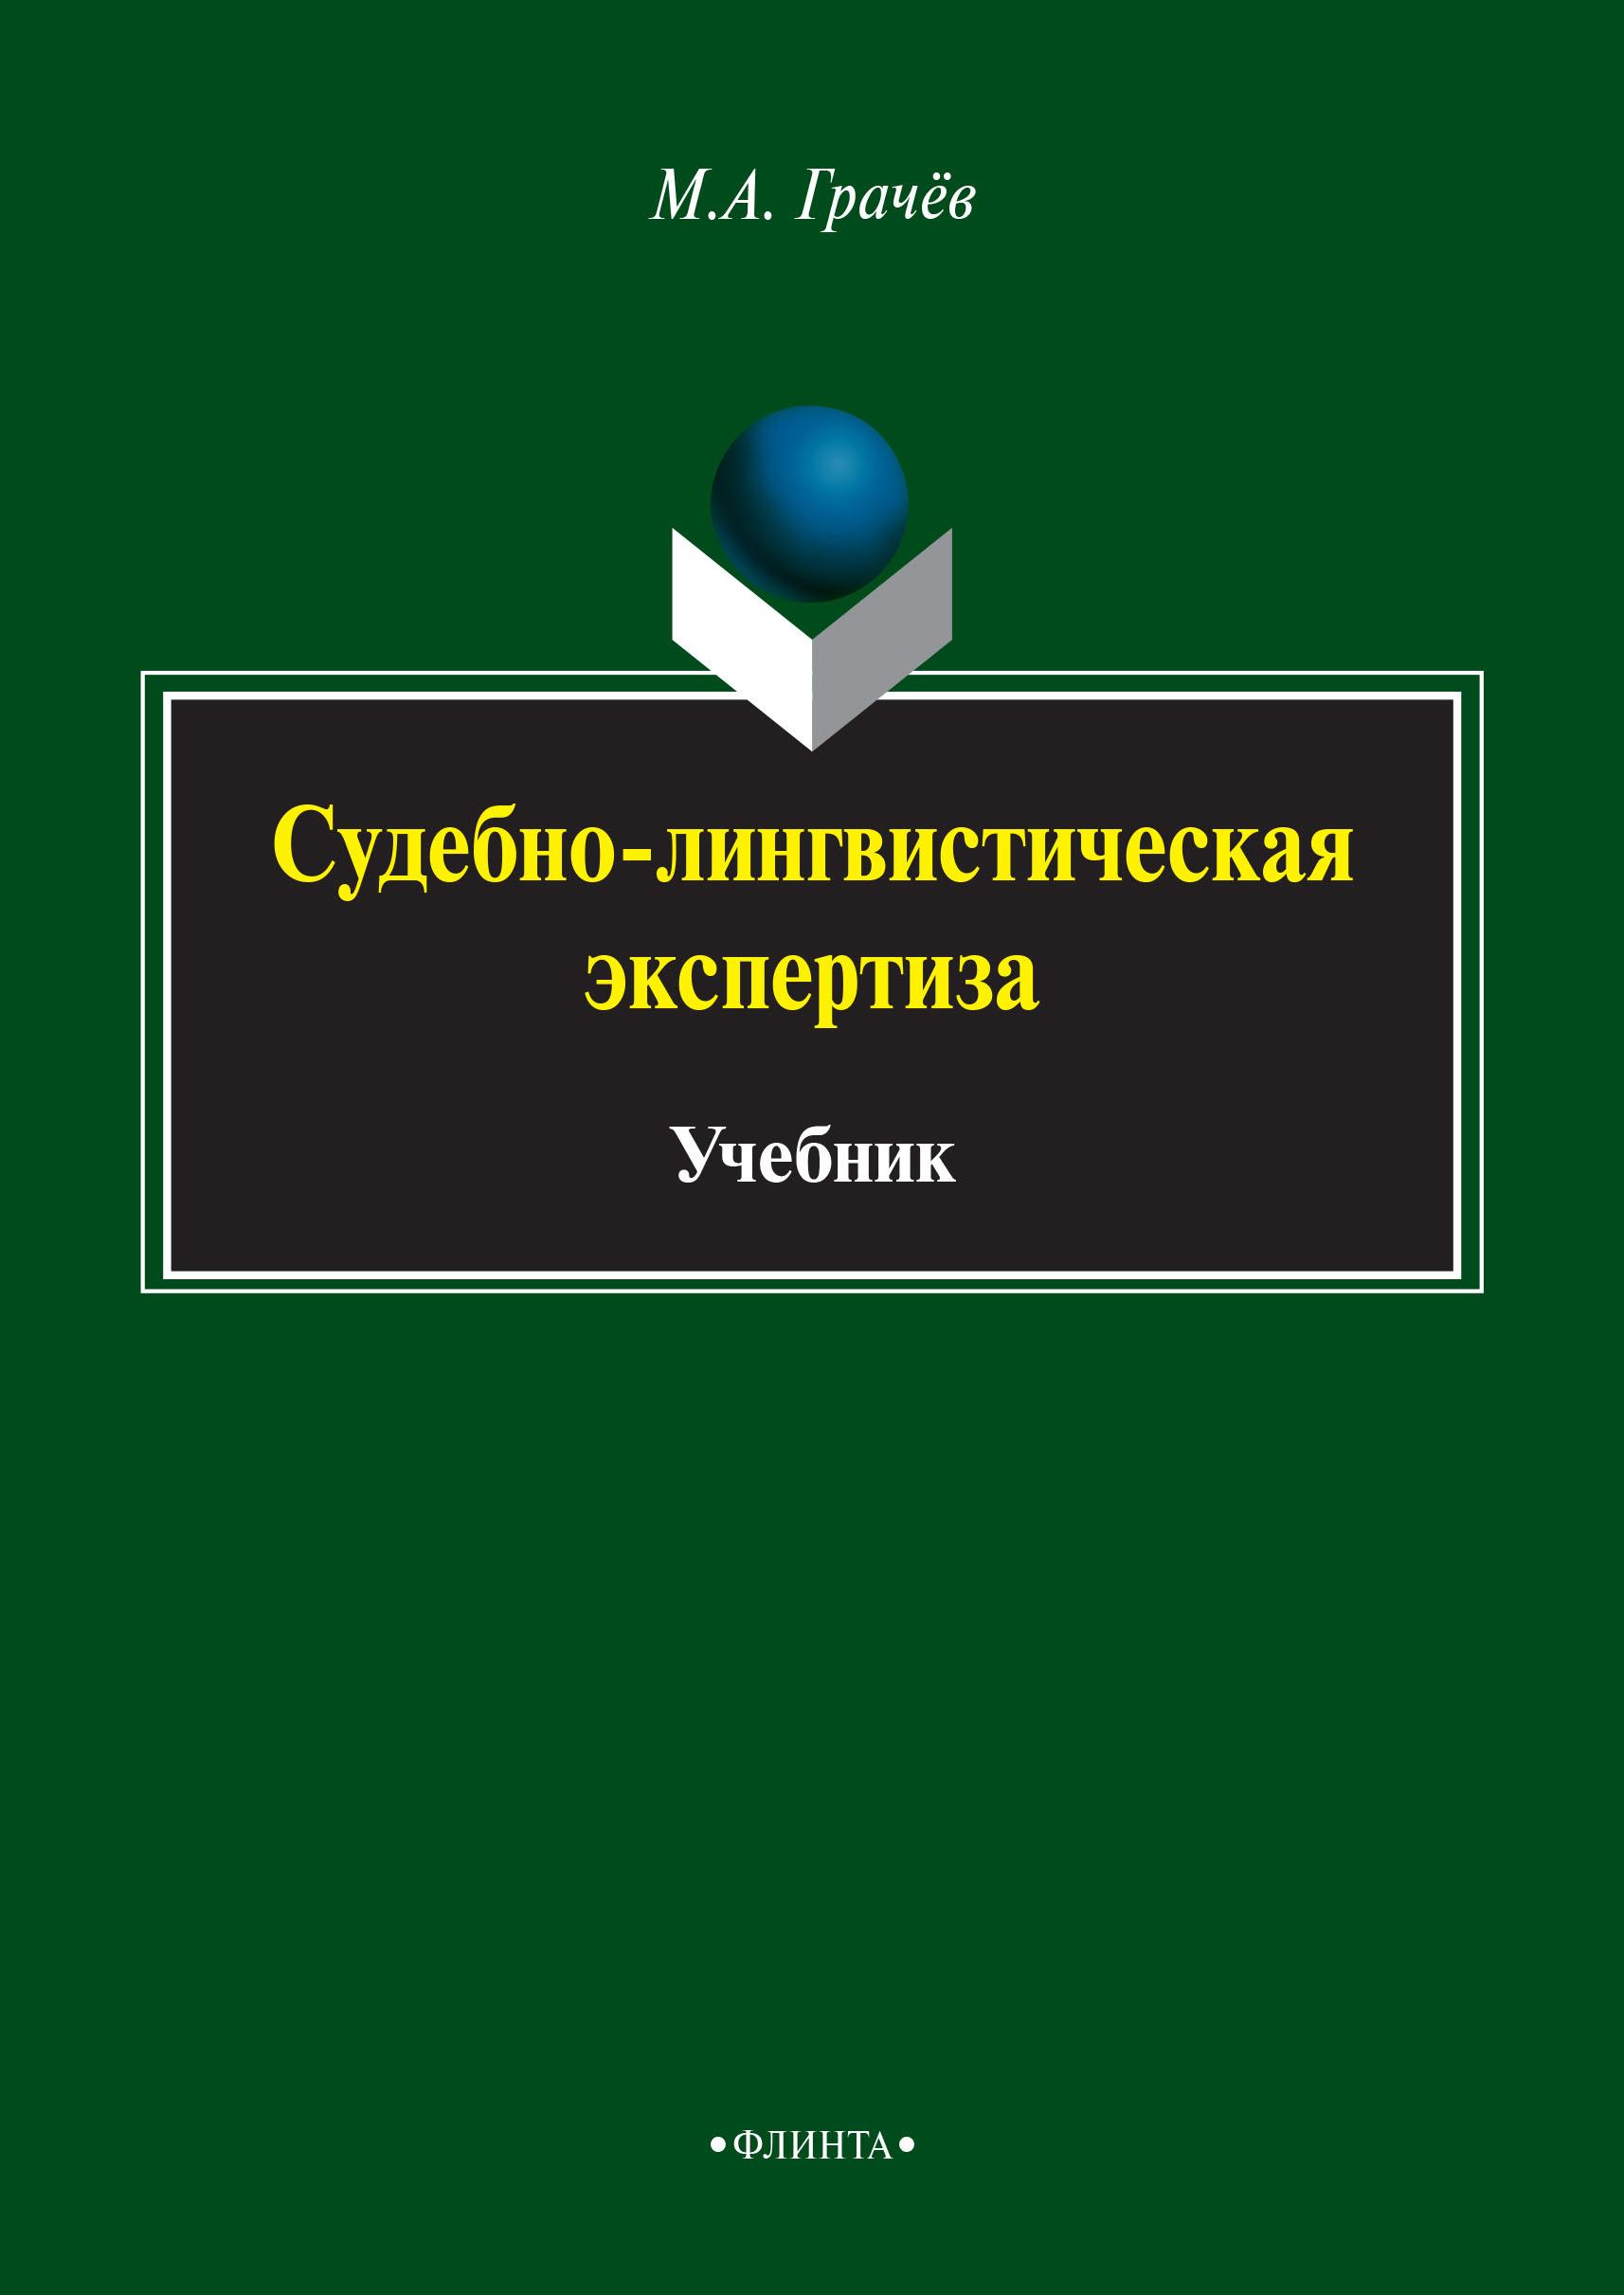 Судебно-лингвистическая экспертиза ( Михаил Грачев  )